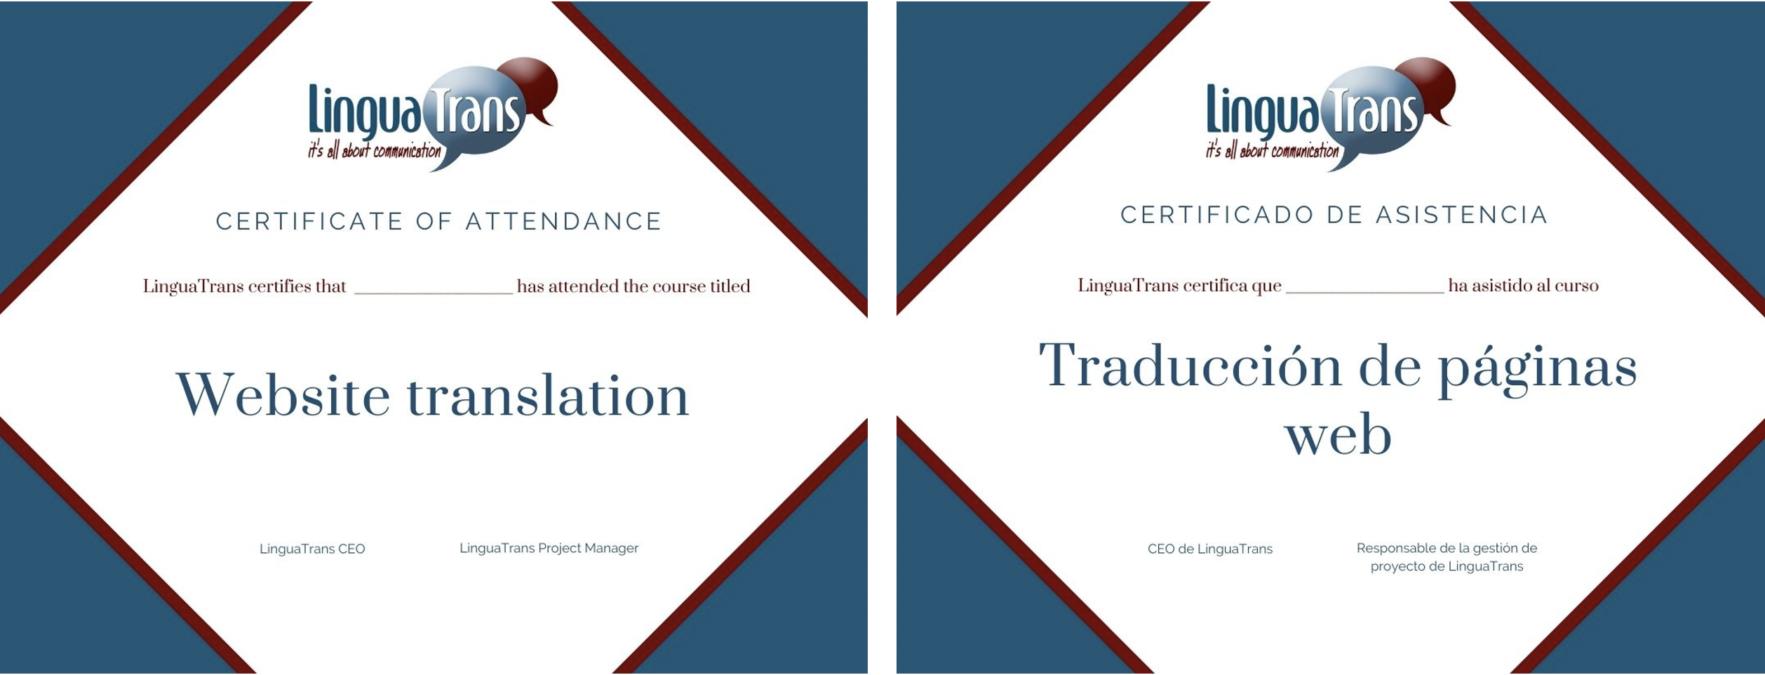 Traducción de diplomas